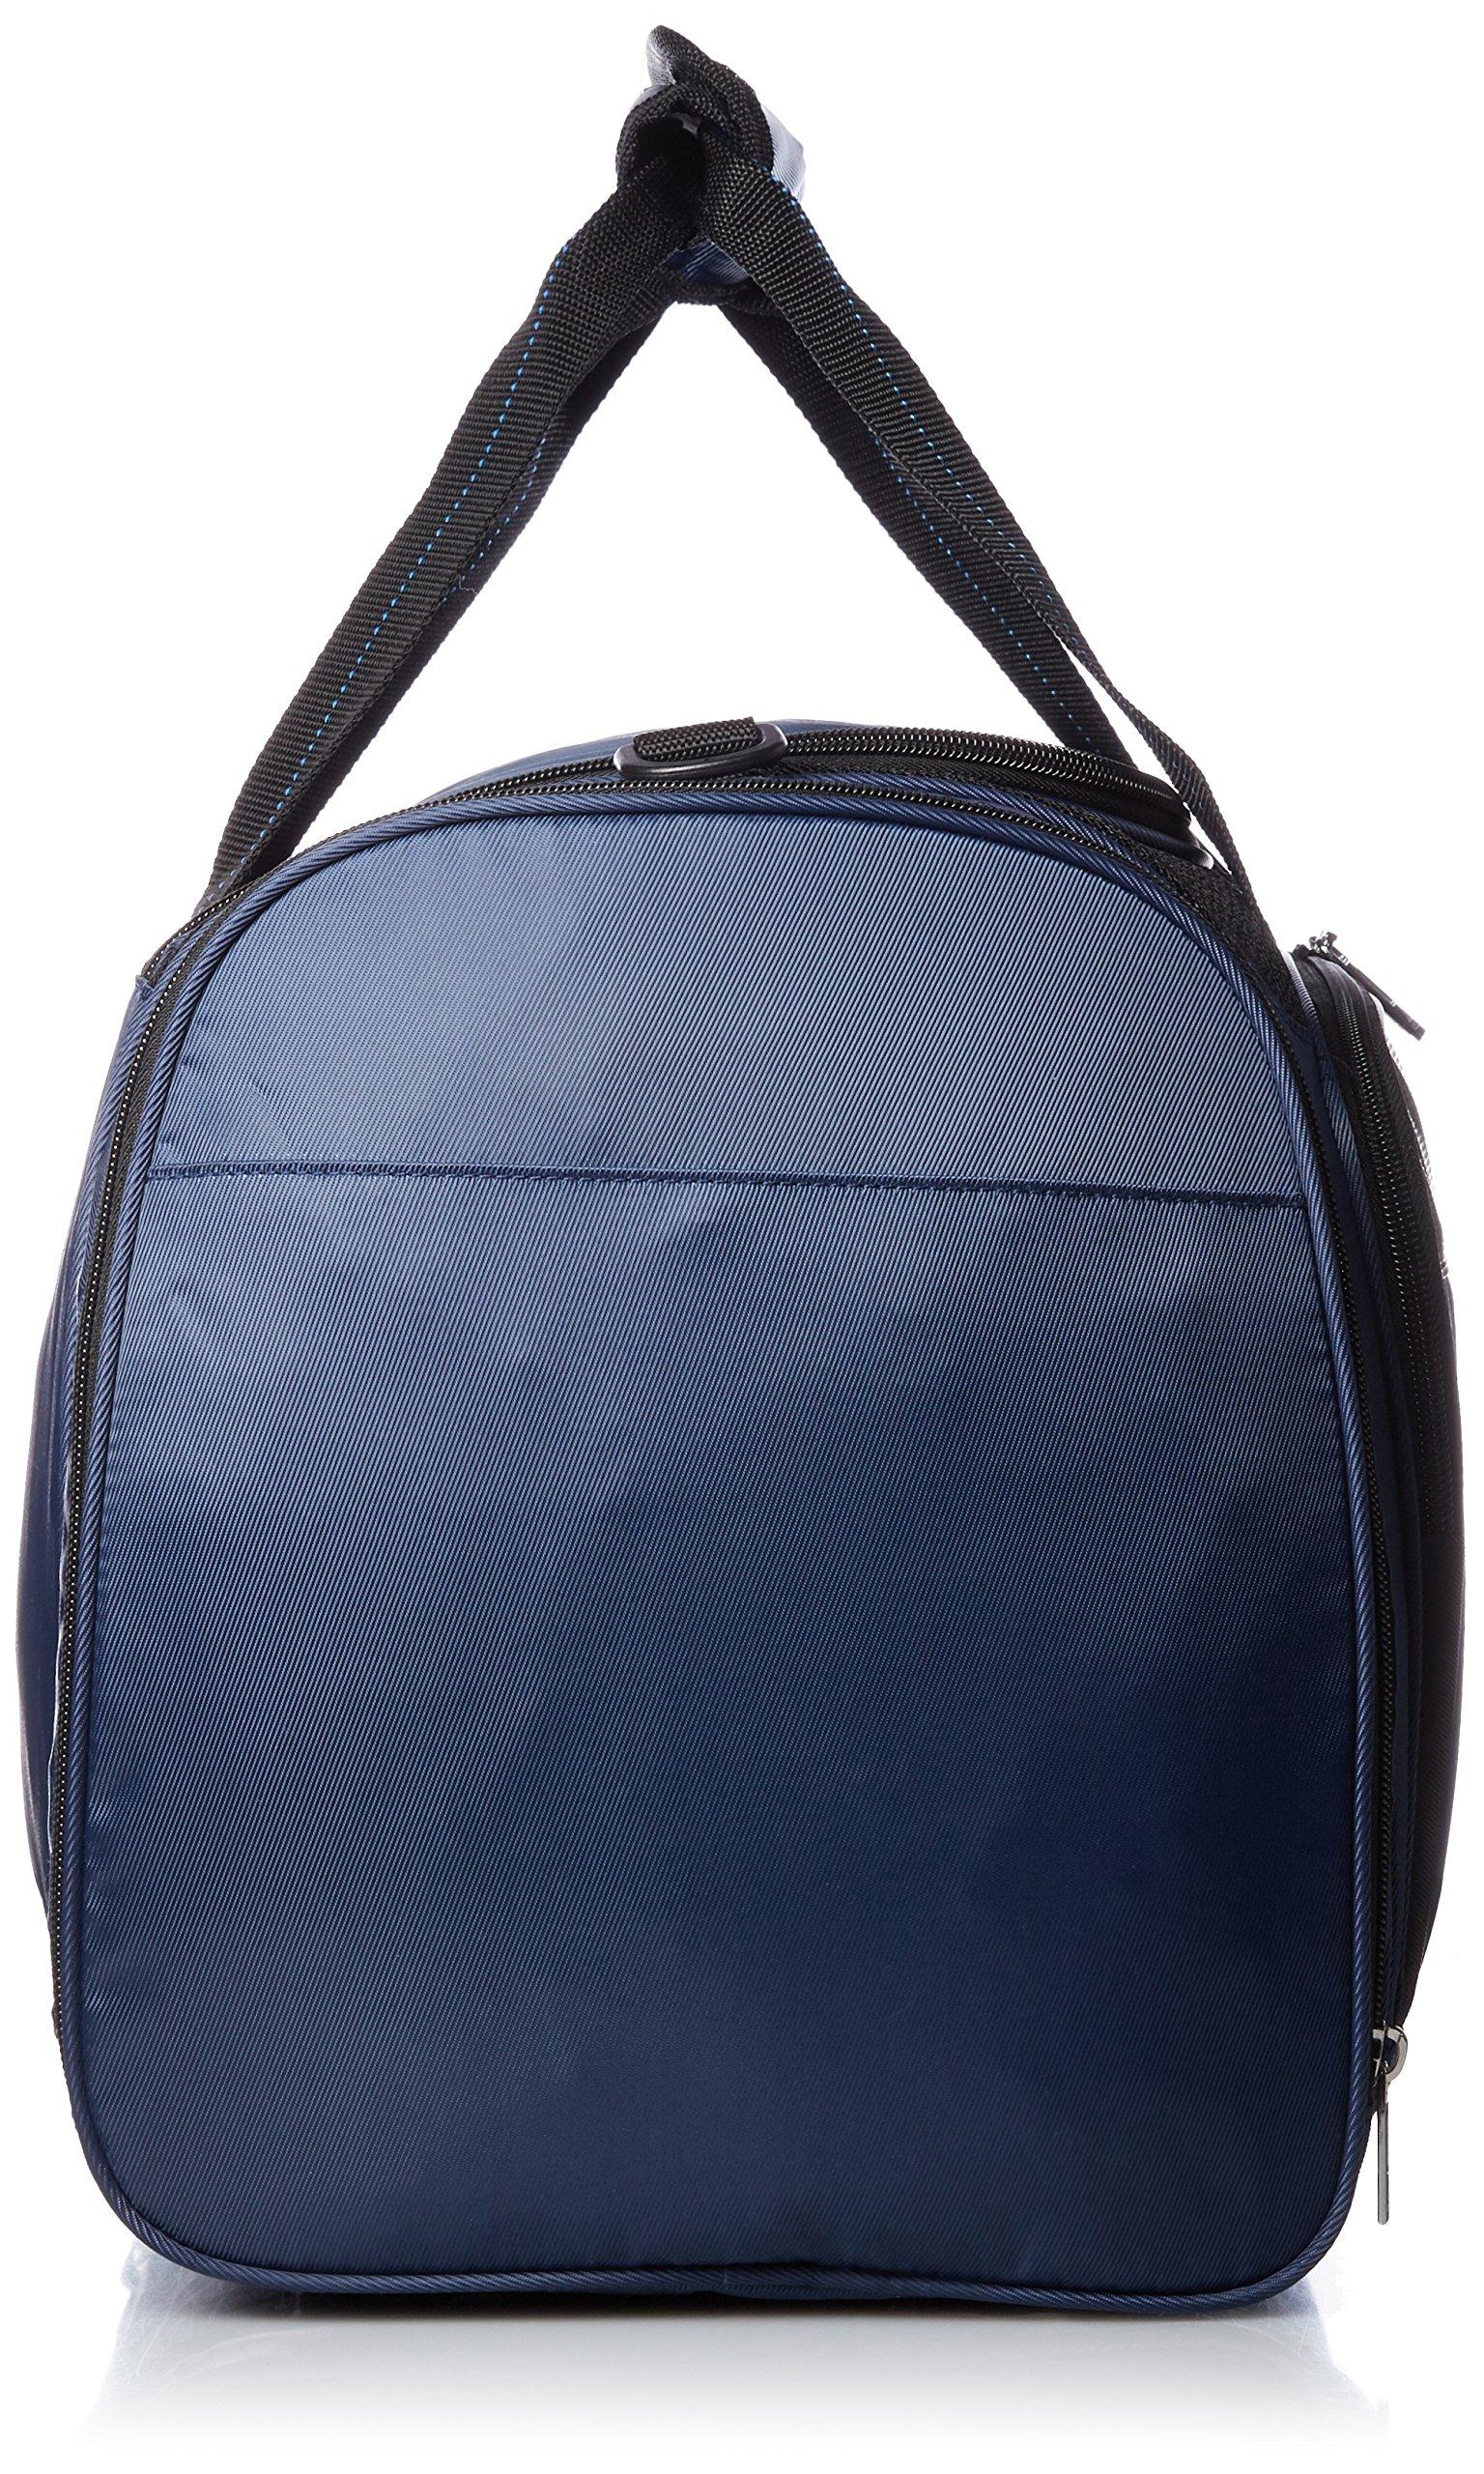 [Adidas Golf] Boston Bag 4 Deodorant Name awr93 by adidas (Image #3)